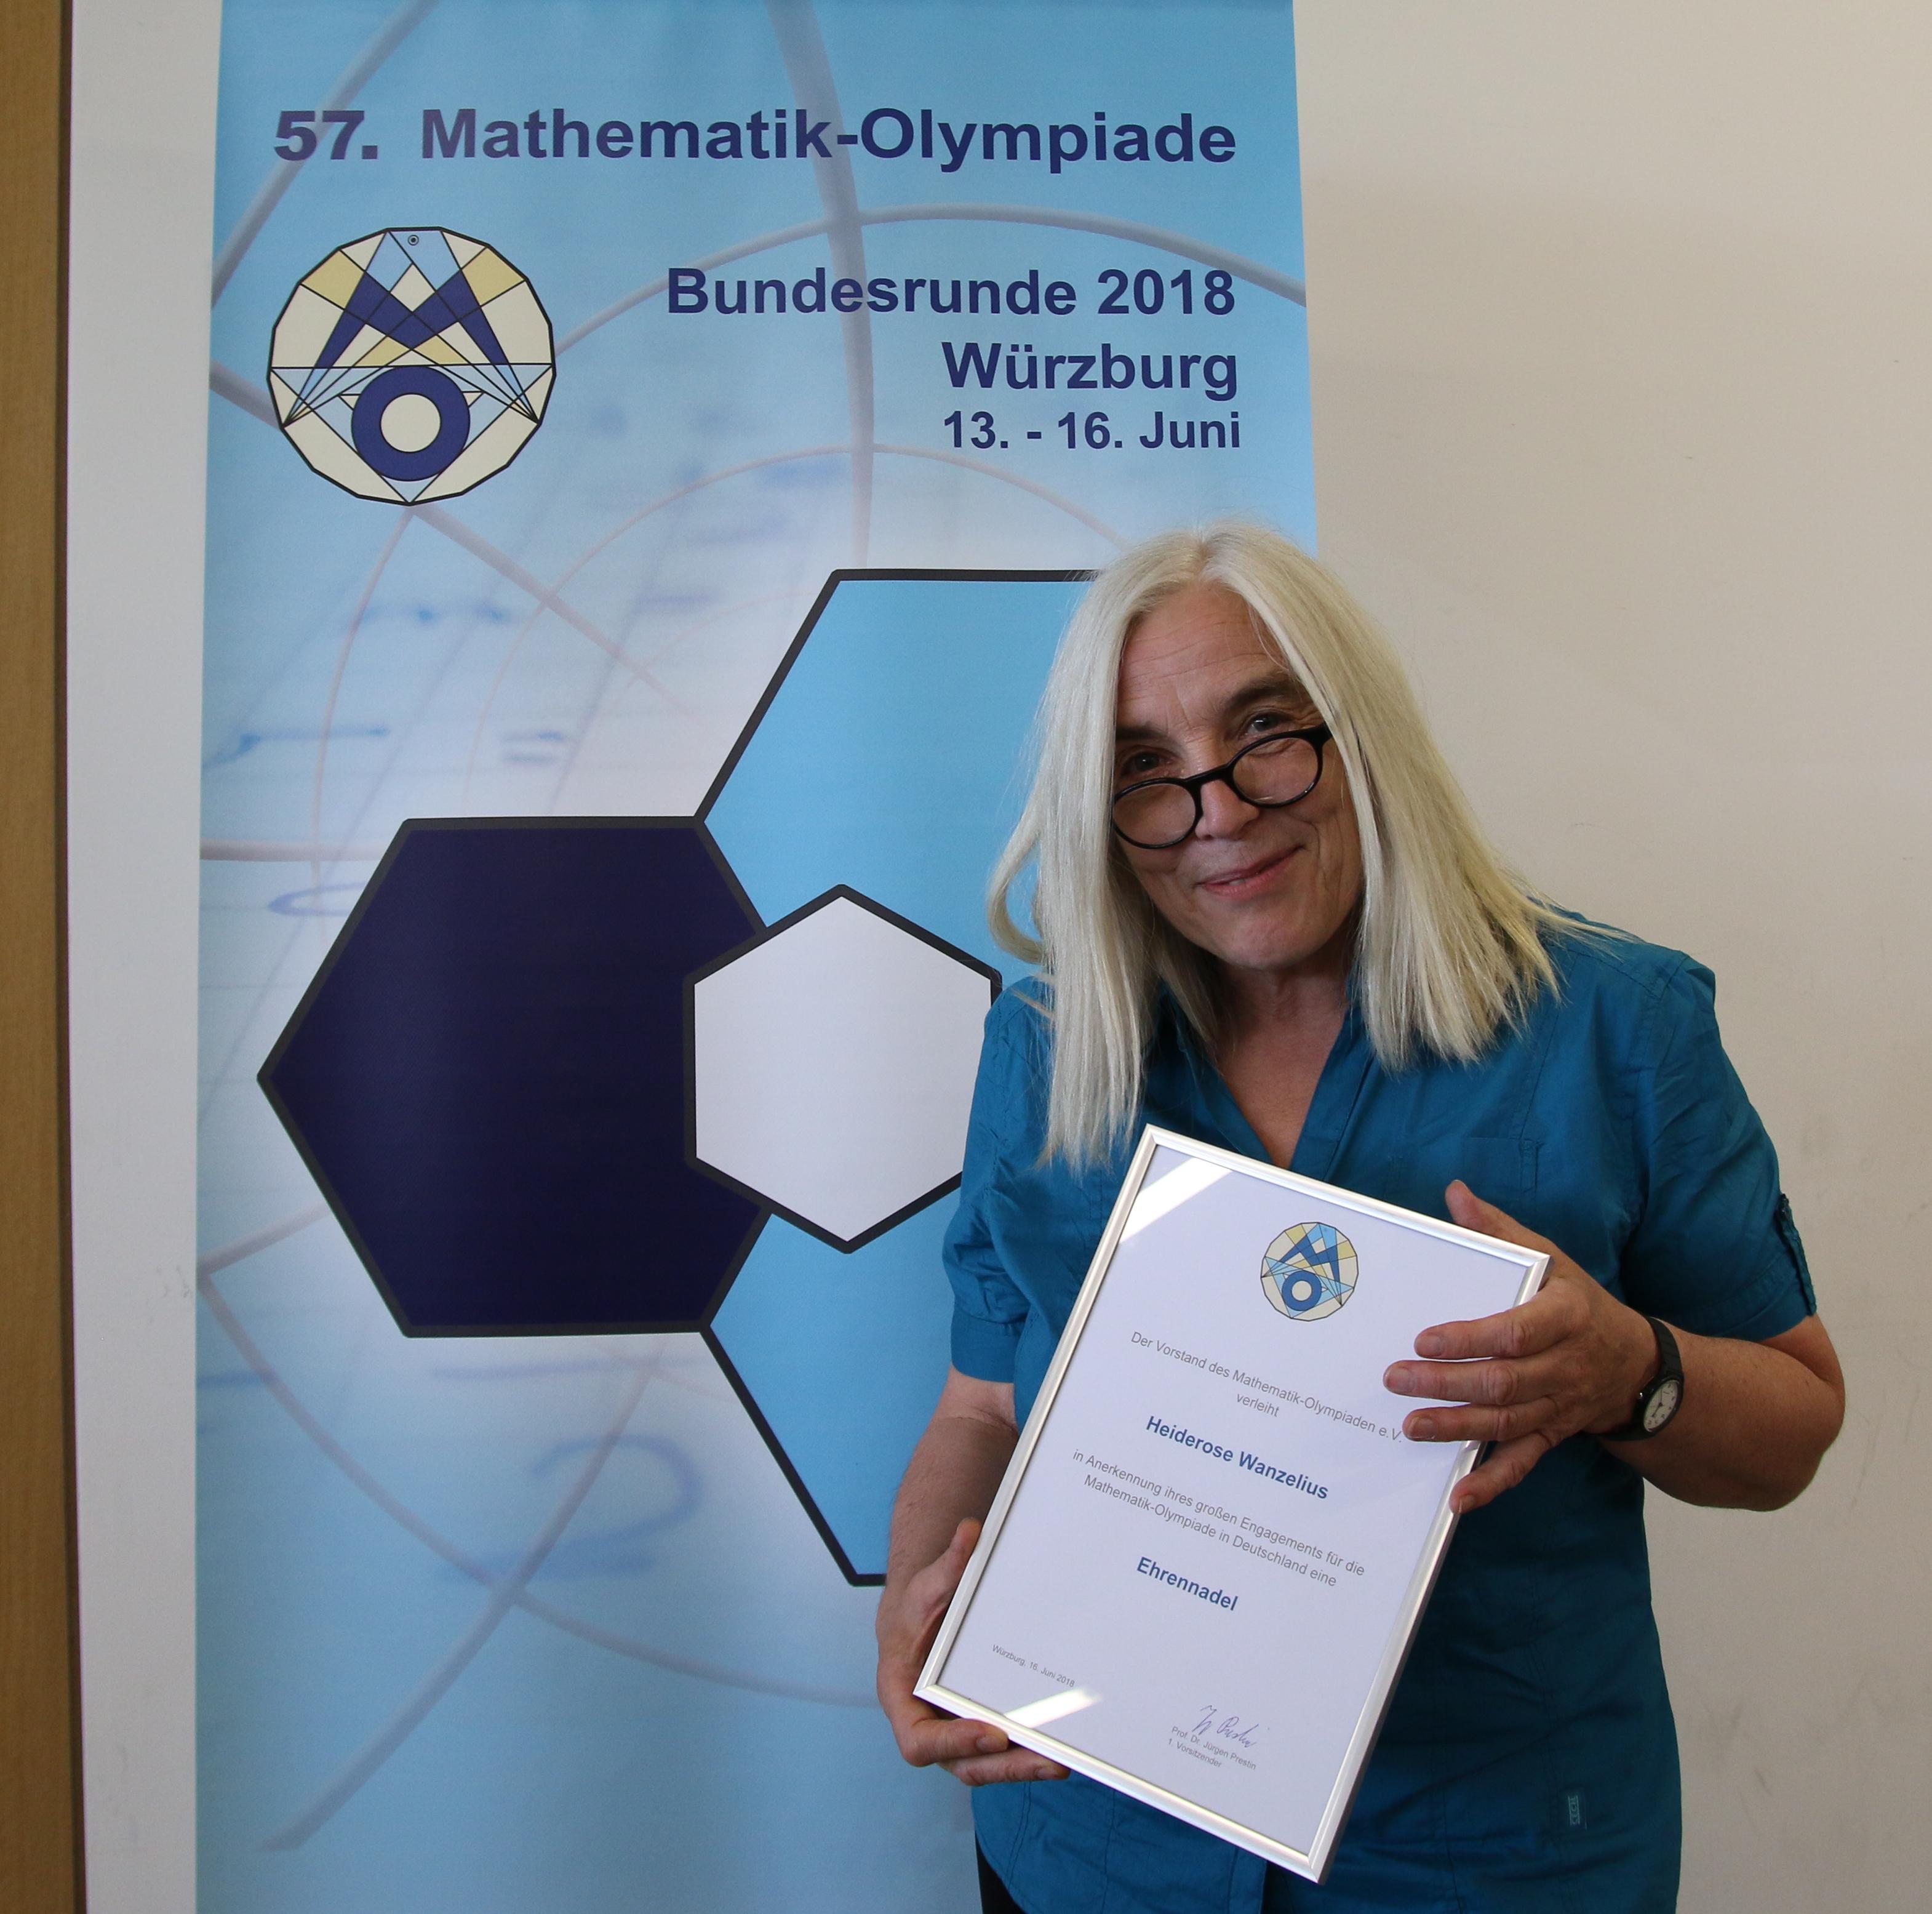 Mathematik-Olympiade in Nds.: MO-Ni